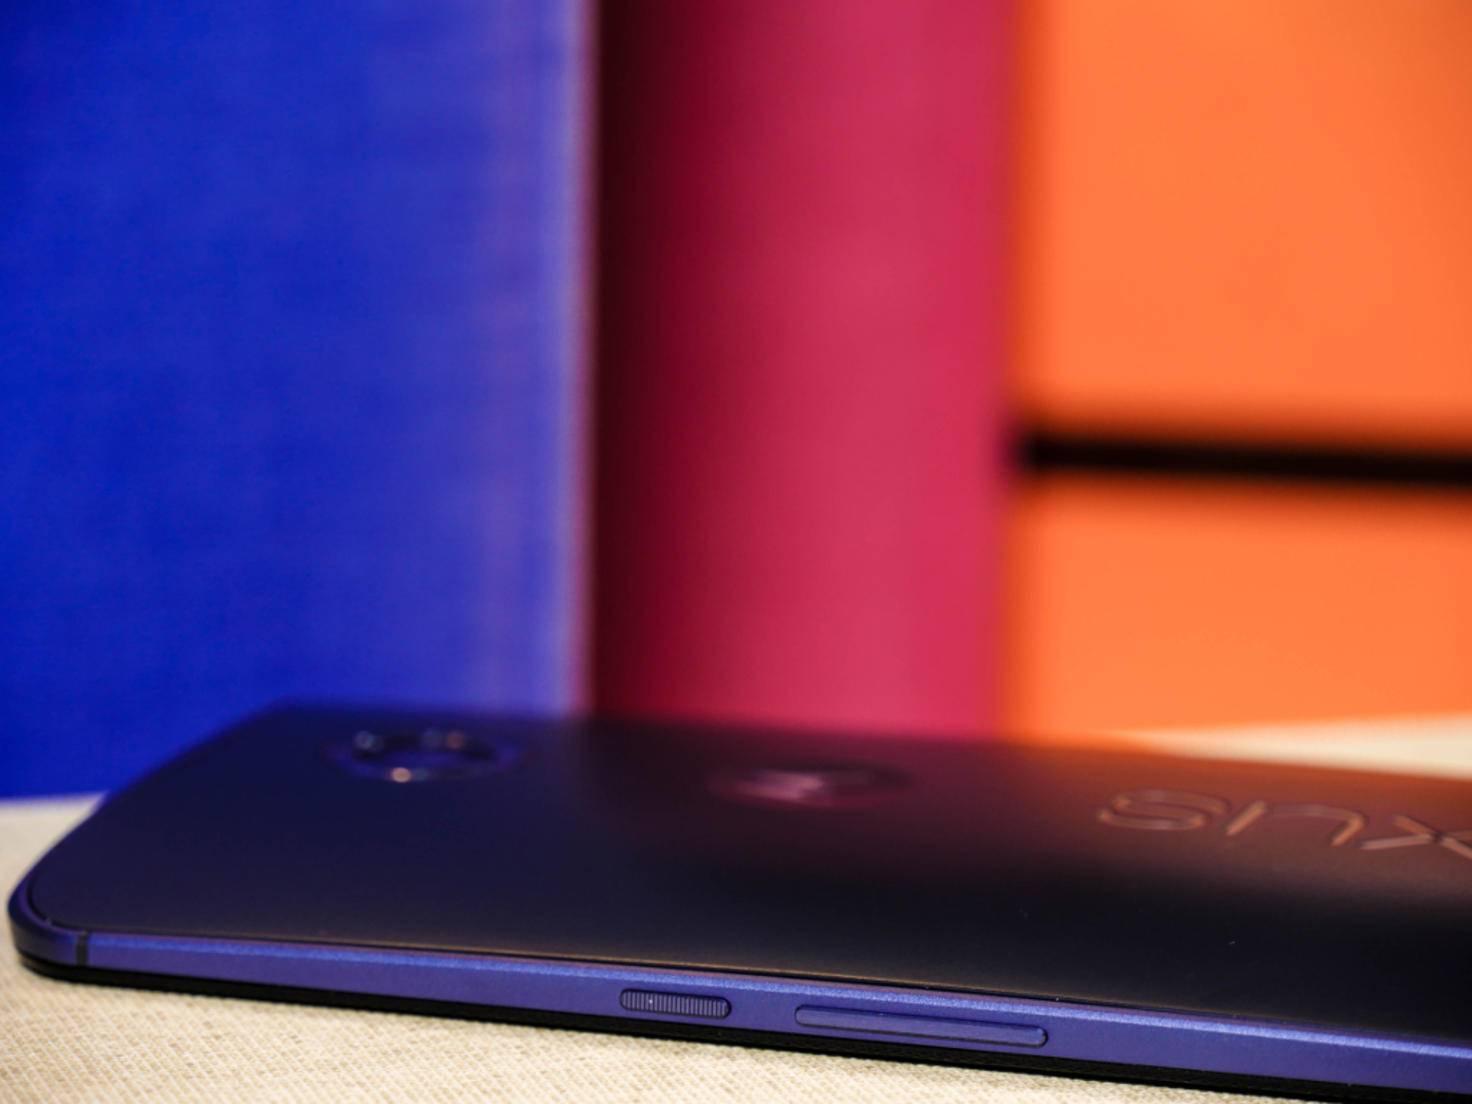 Einen Slot für Micro-SD-Karten sucht man beim Nexus 6 leider vergeblich.